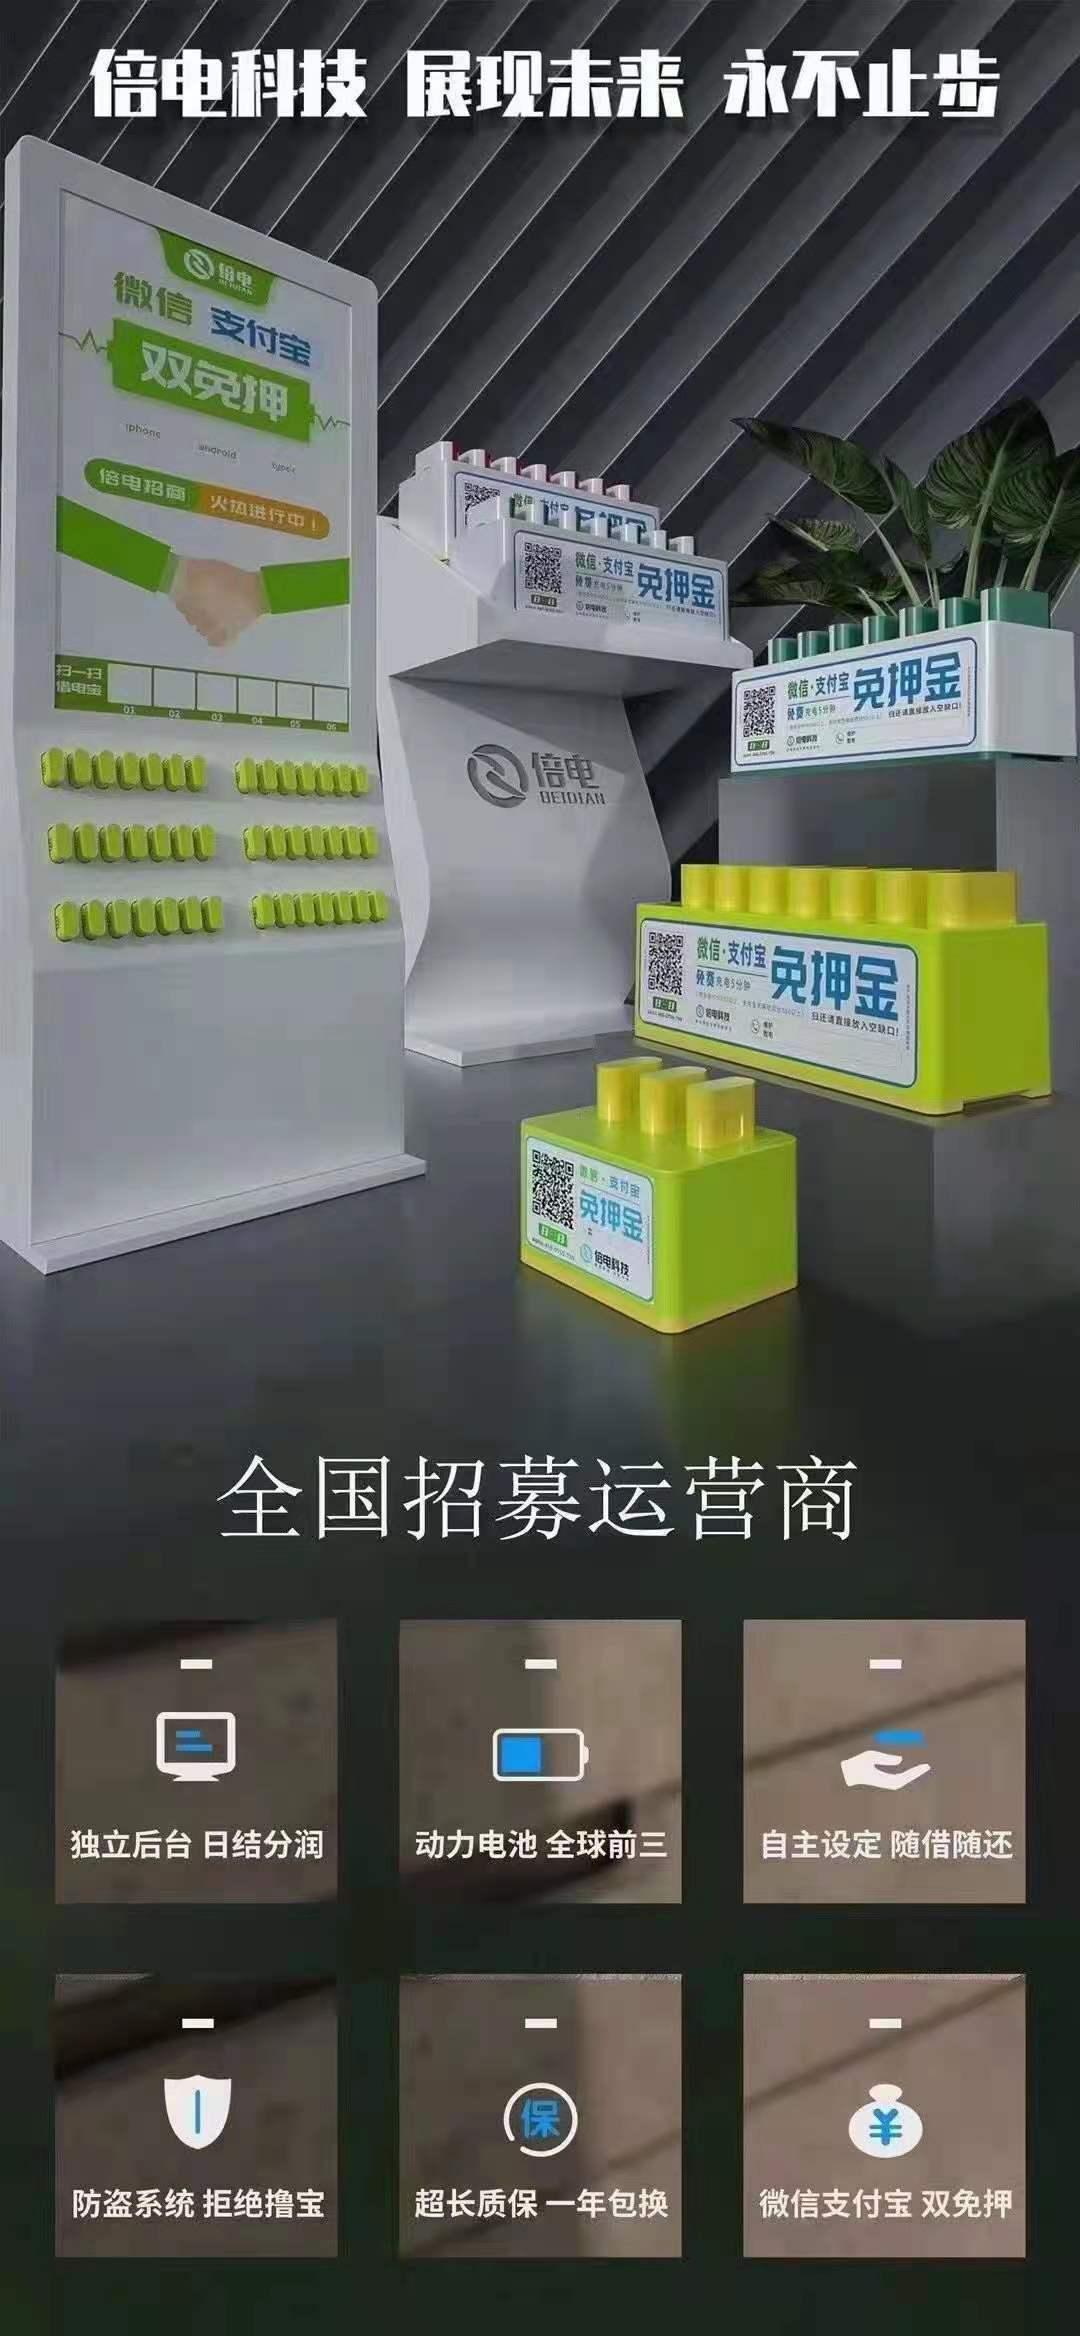 铁岭市—共享充电宝加盟有几种模式【倍电】